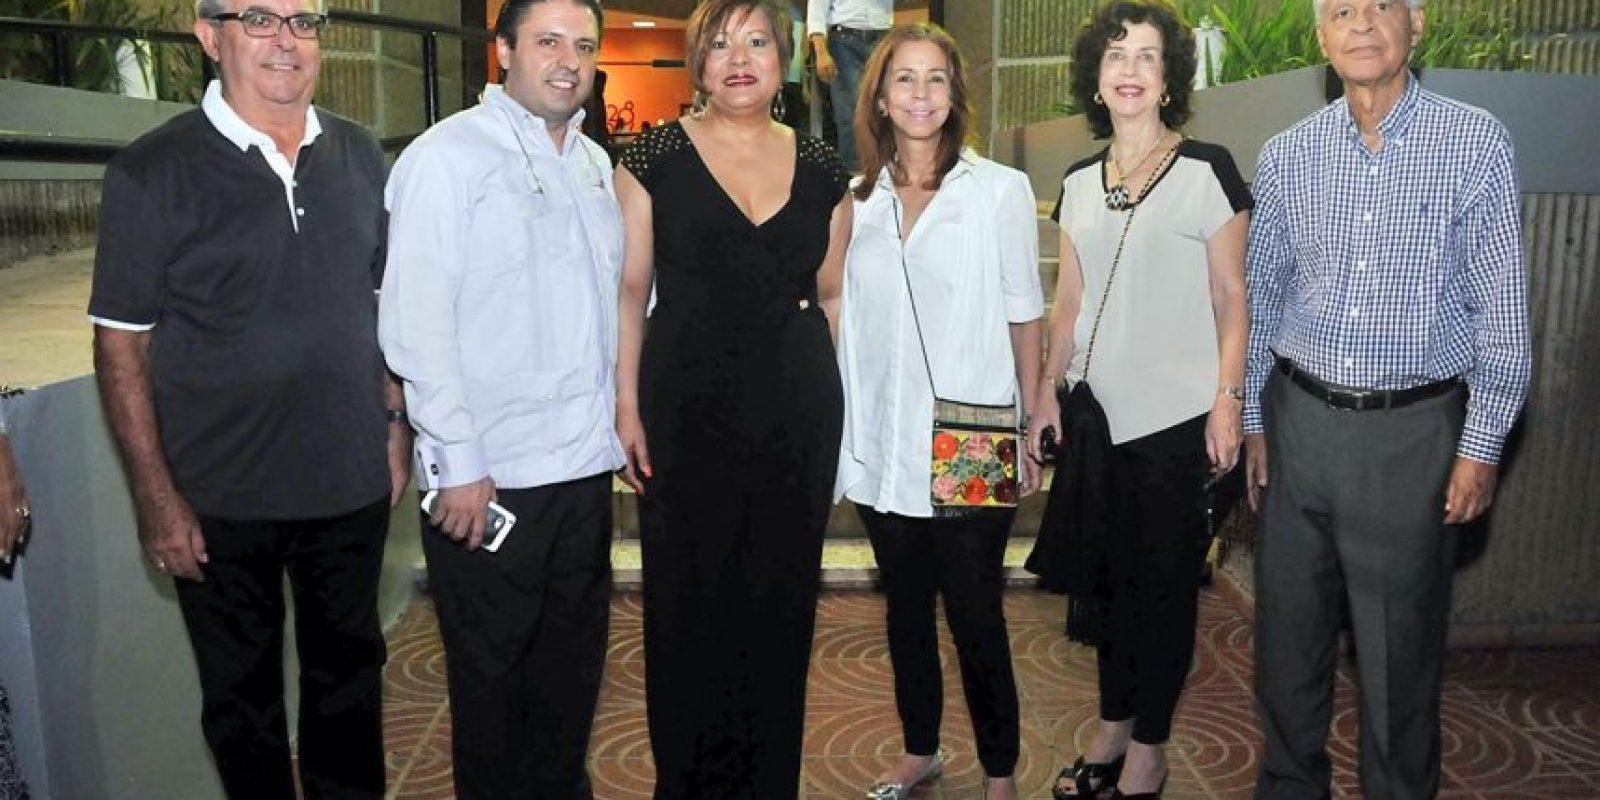 Emmanuel Valet, Jose Berlanza, Maria Ditrén, Angelita Lasaccio, Altagracia de Gómez y Wilson Gómez Foto:Alfredo García